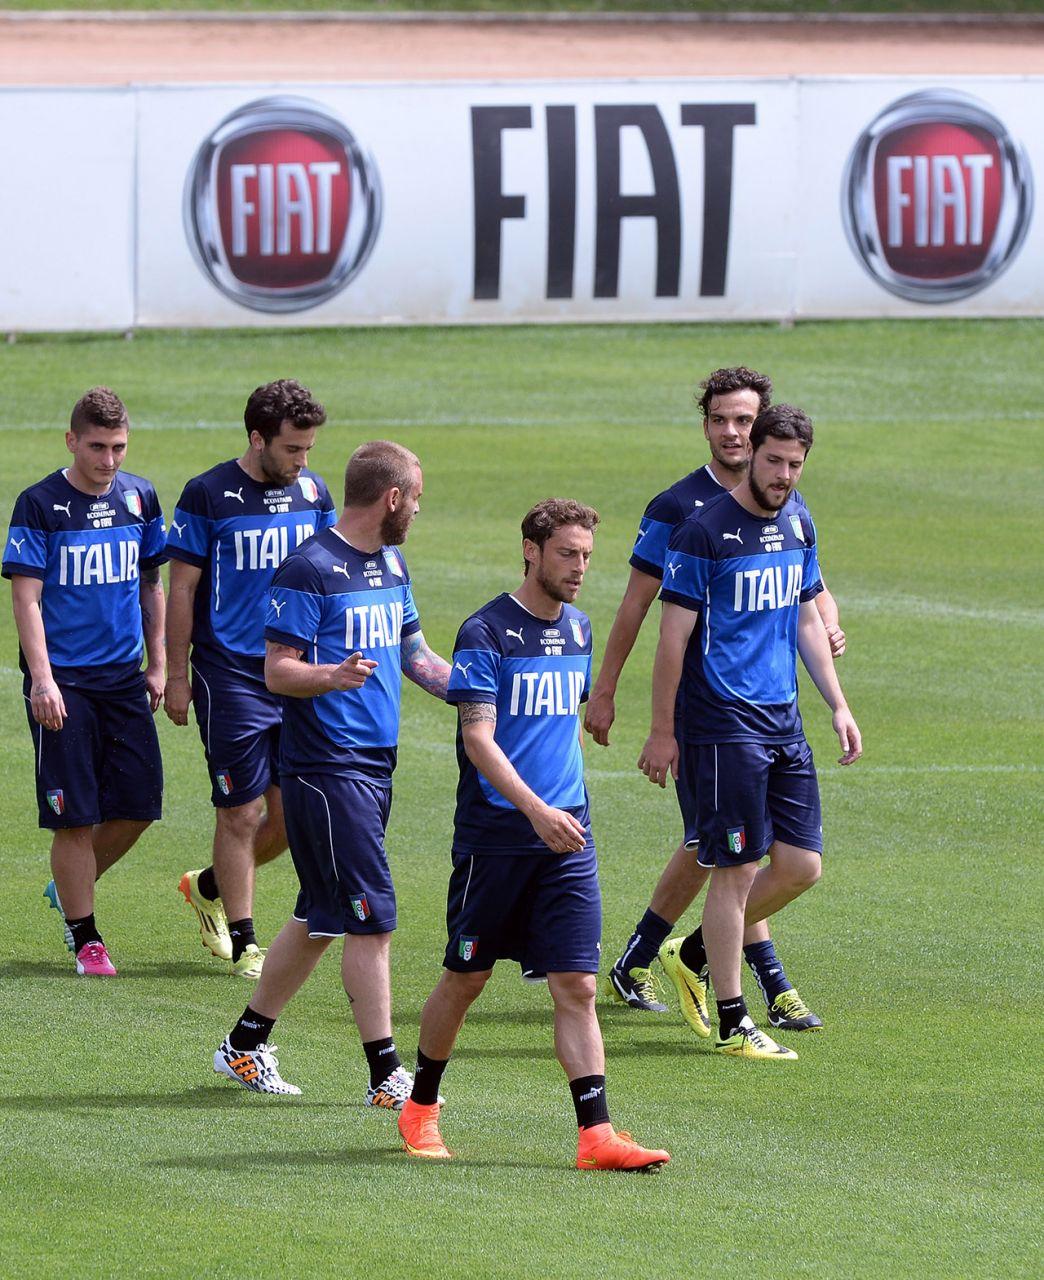 Fiat – Offizielles Auto der Italienischen Fußballnationalmannschaft